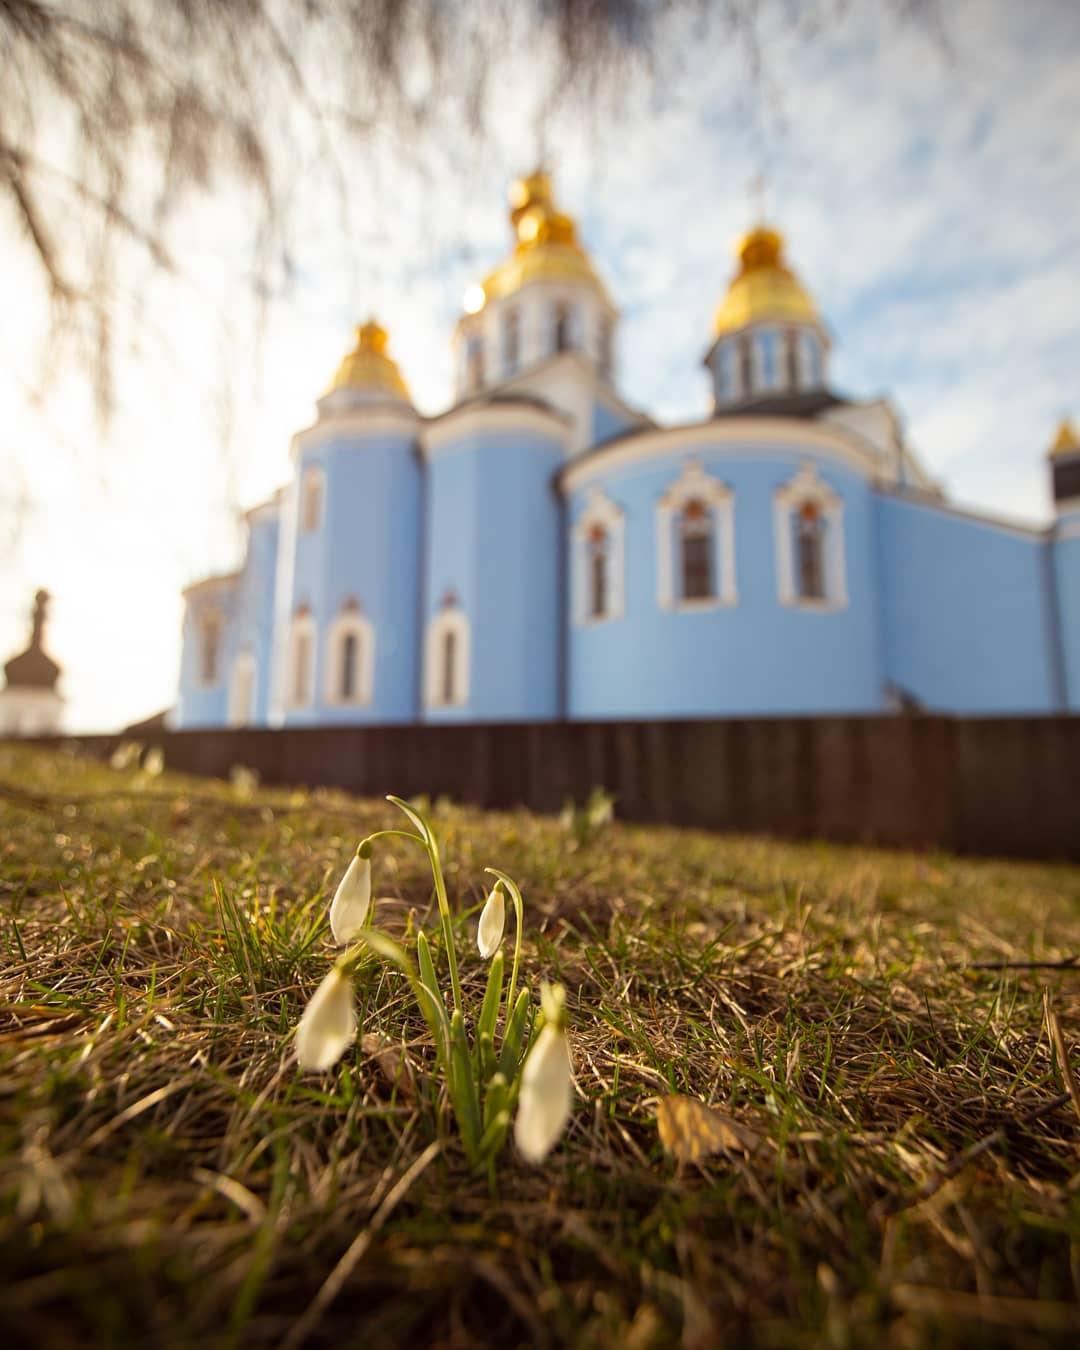 Фото @istetsen не только получилось очень ясным и солнечным, но и напомнило, что первоцветы в Киеве появились уже в феврале